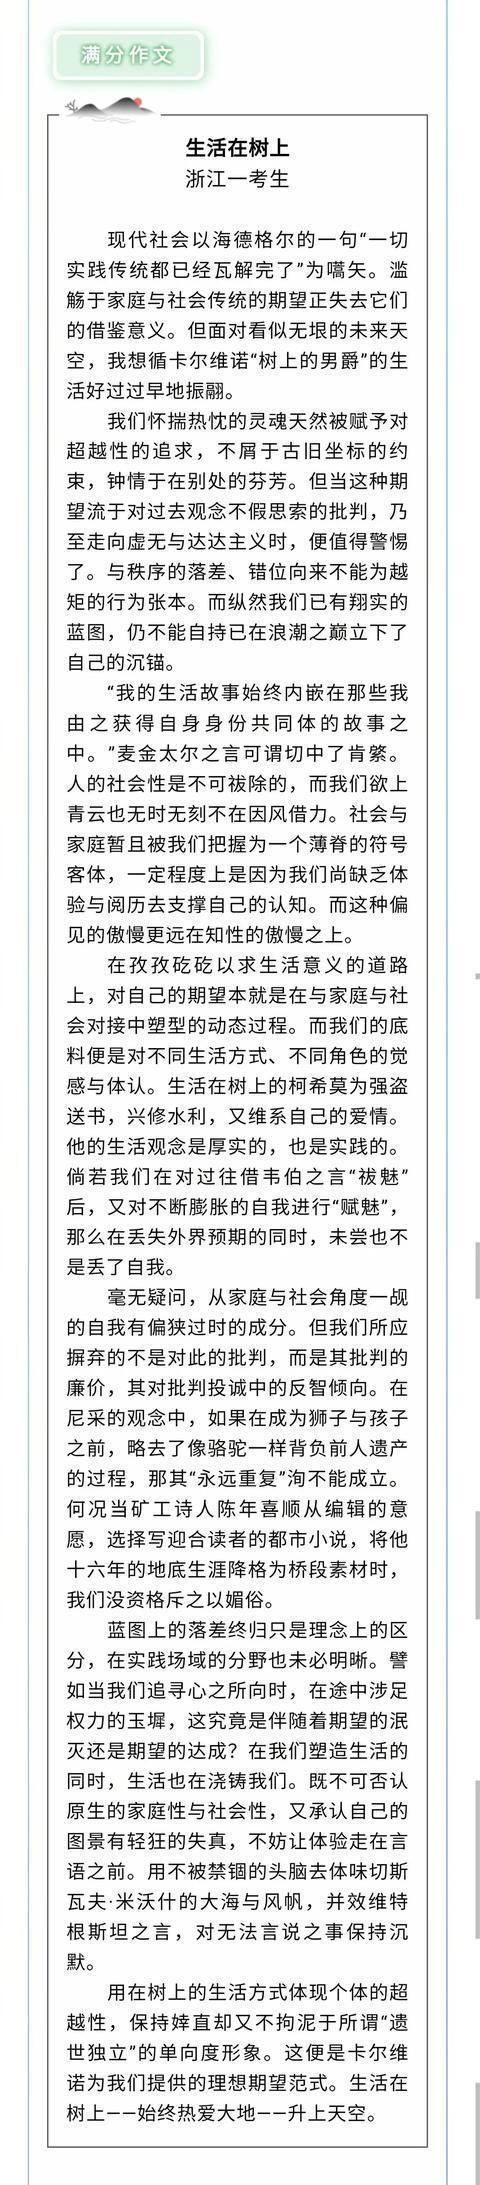 2007江苏高考作文《怀想天空》全文 浙江教育考试院回应满分作文